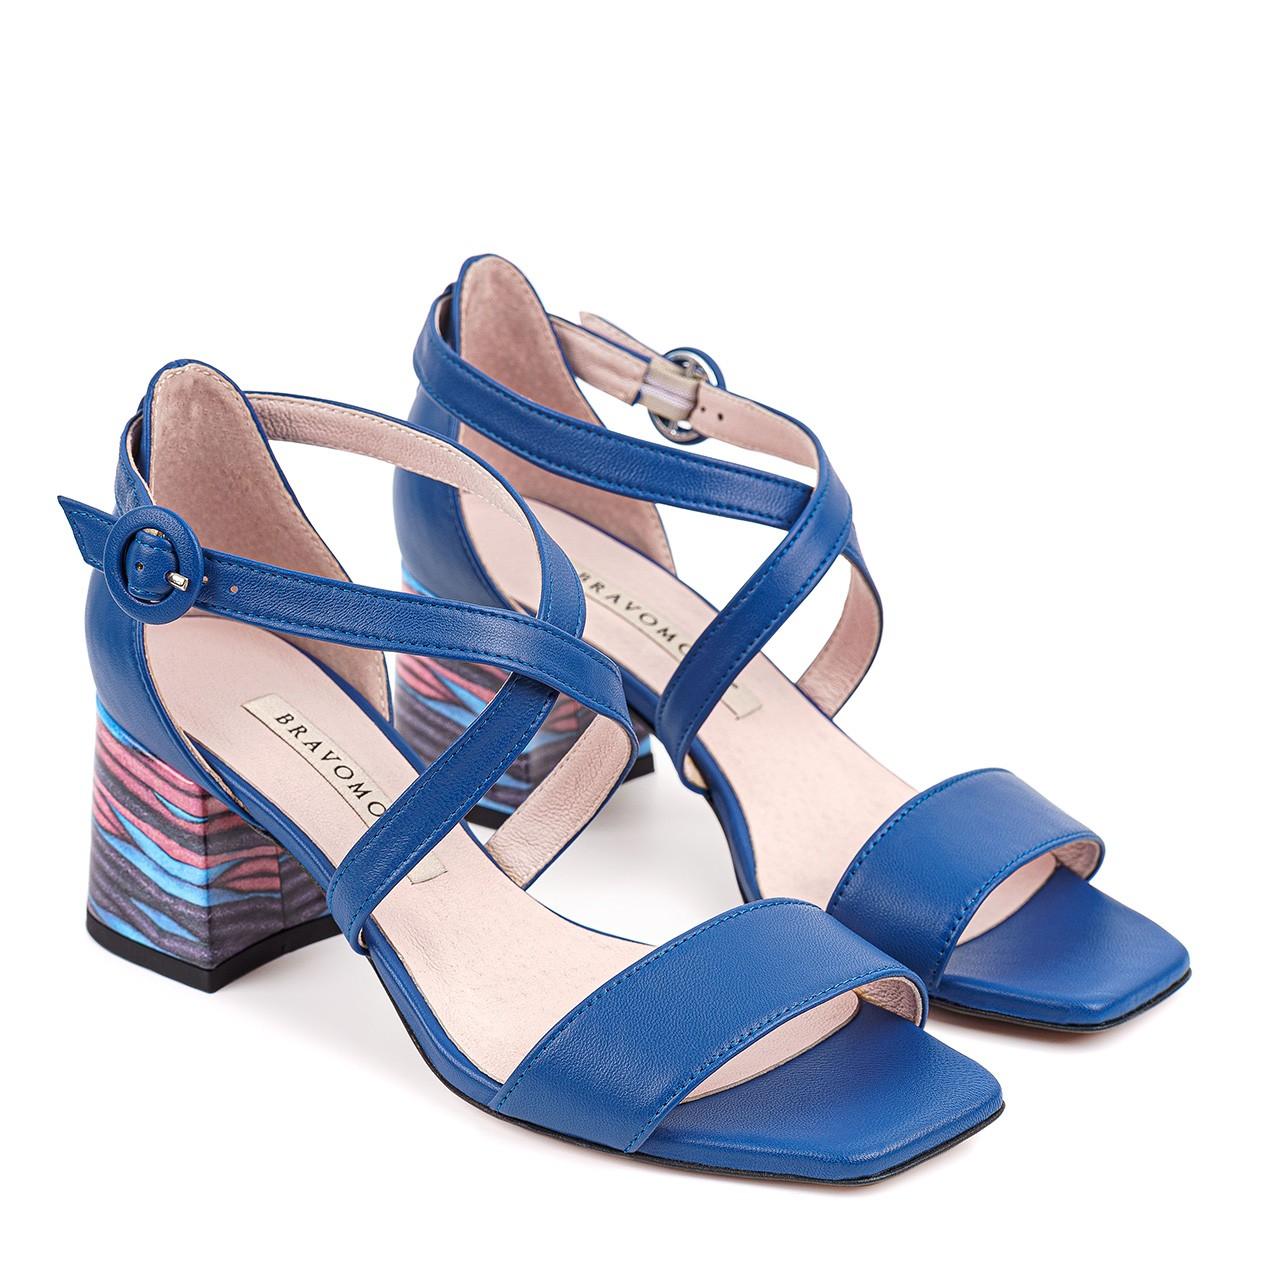 Skórzane sandałki w niebieskim kolorze z paseczkami